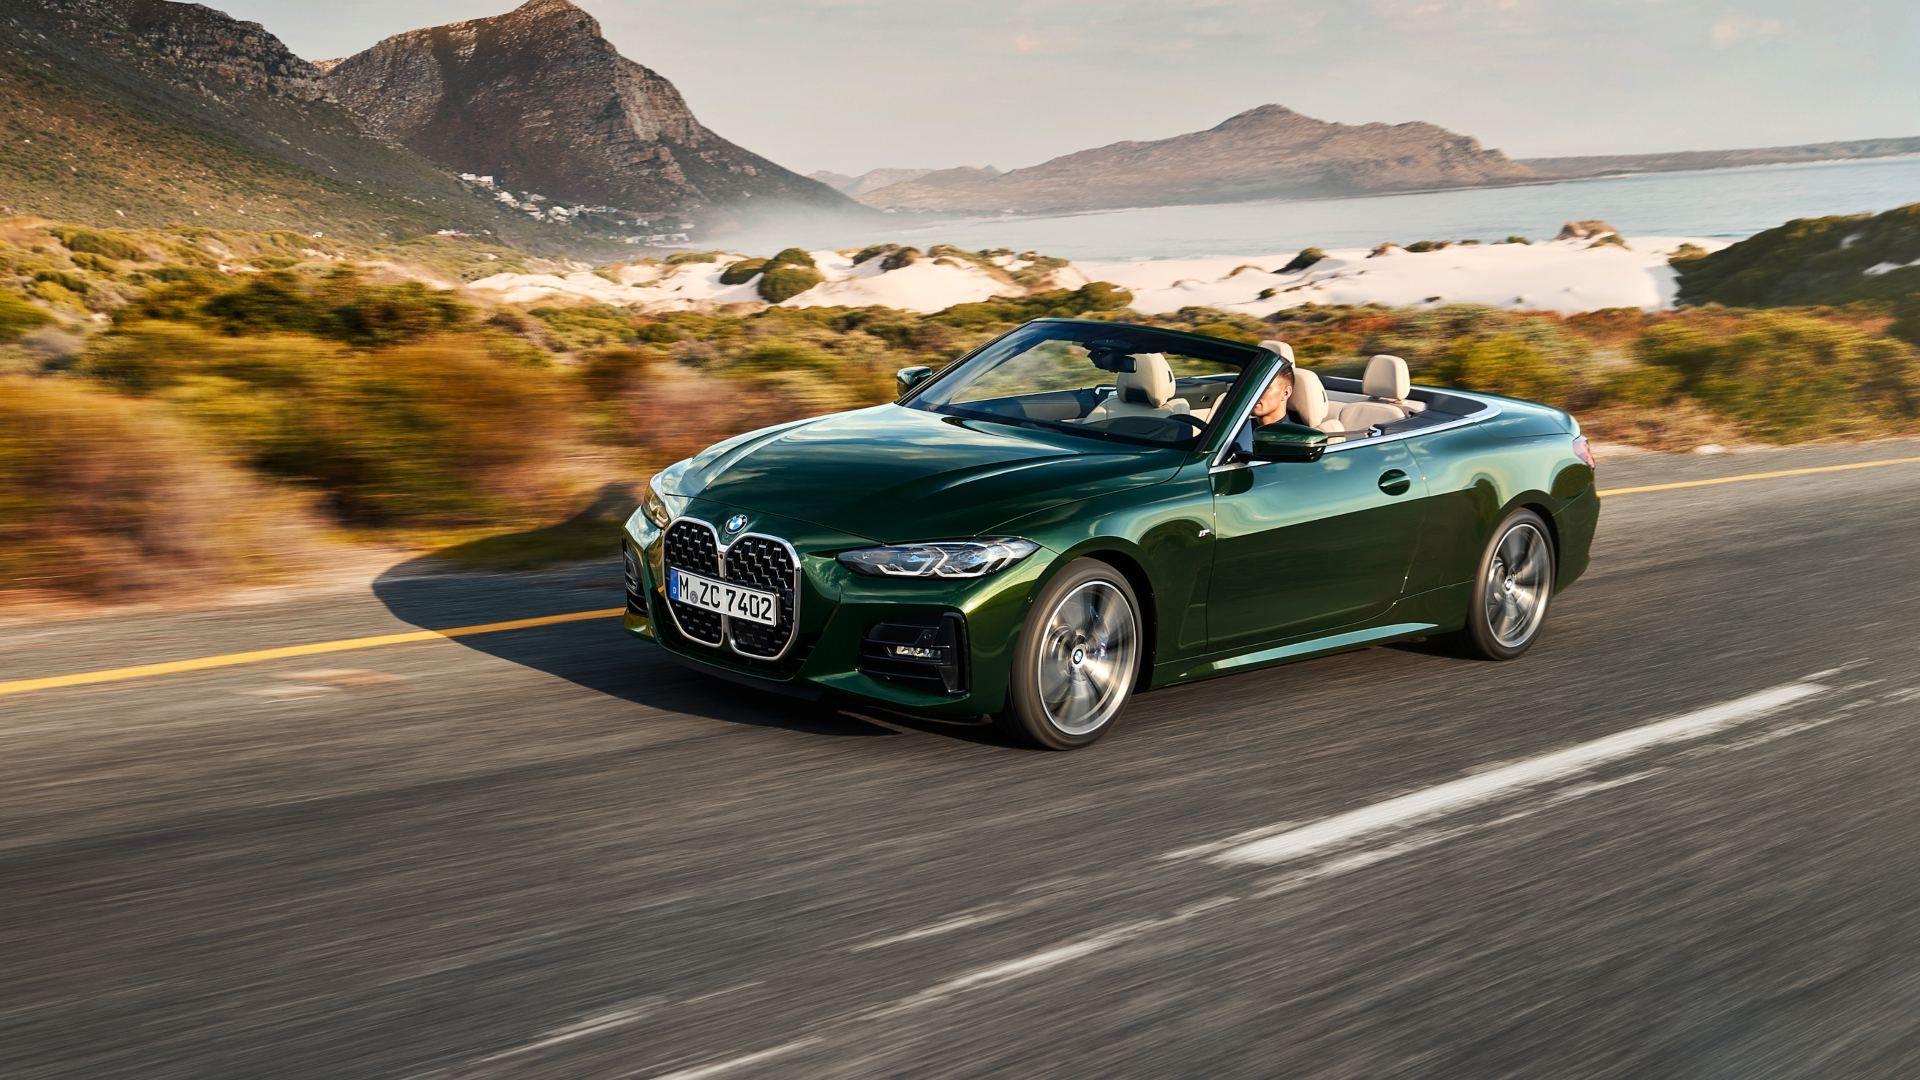 El BMW Serie 4 Cabrio abandona el techo metálico en su nueva generación